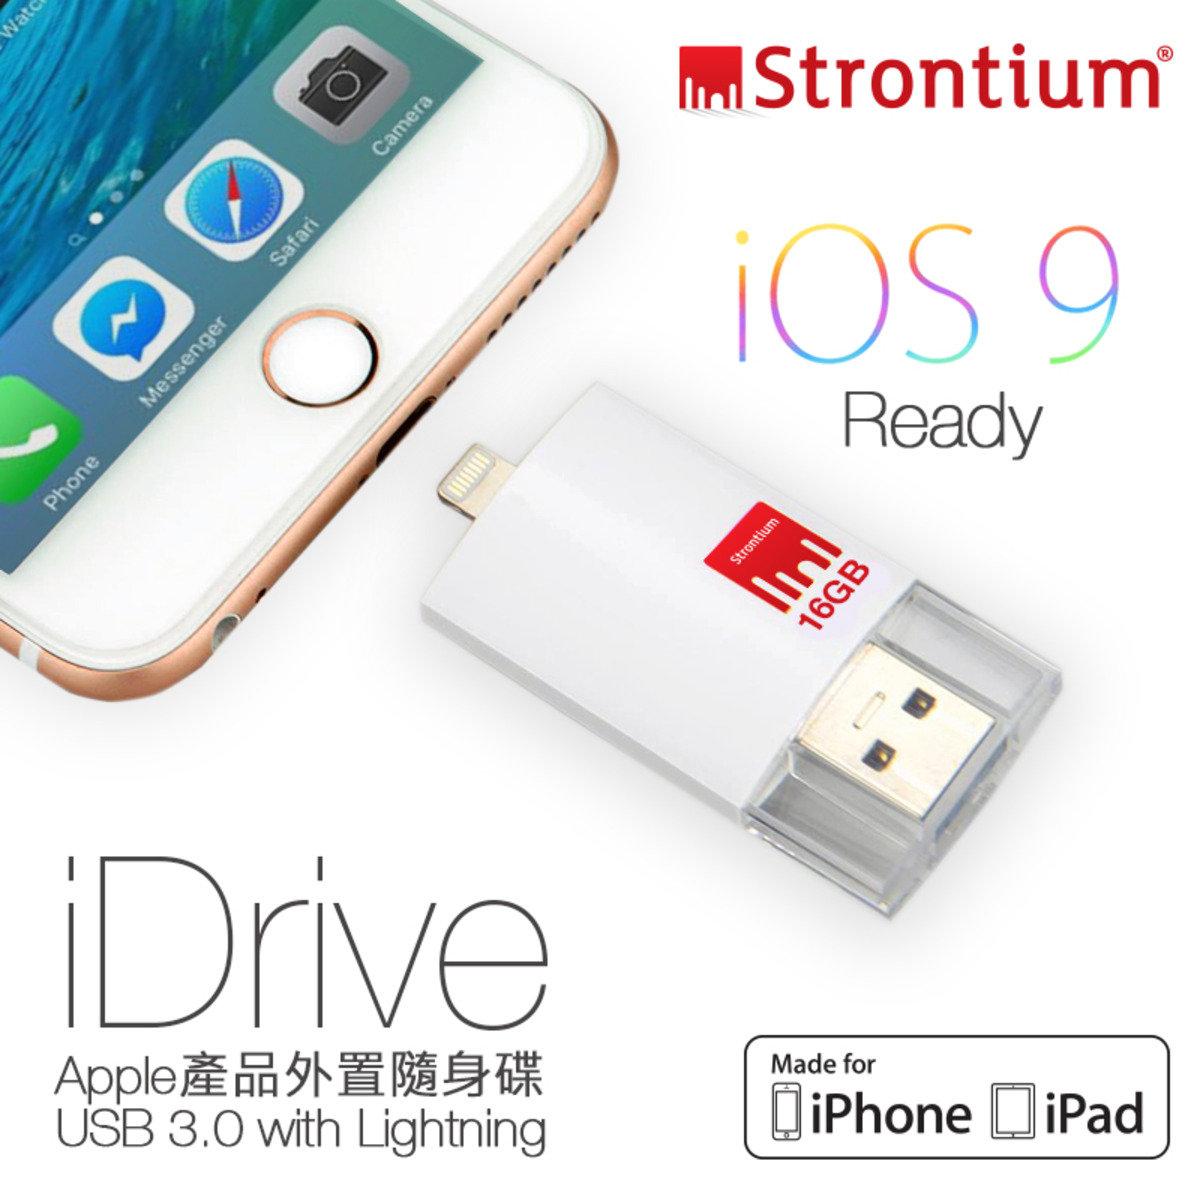 NITRO iDrive OTG 16GB 65MB/s USB 3.0 高速雙用隨身碟 (iPhone & iPad專用)